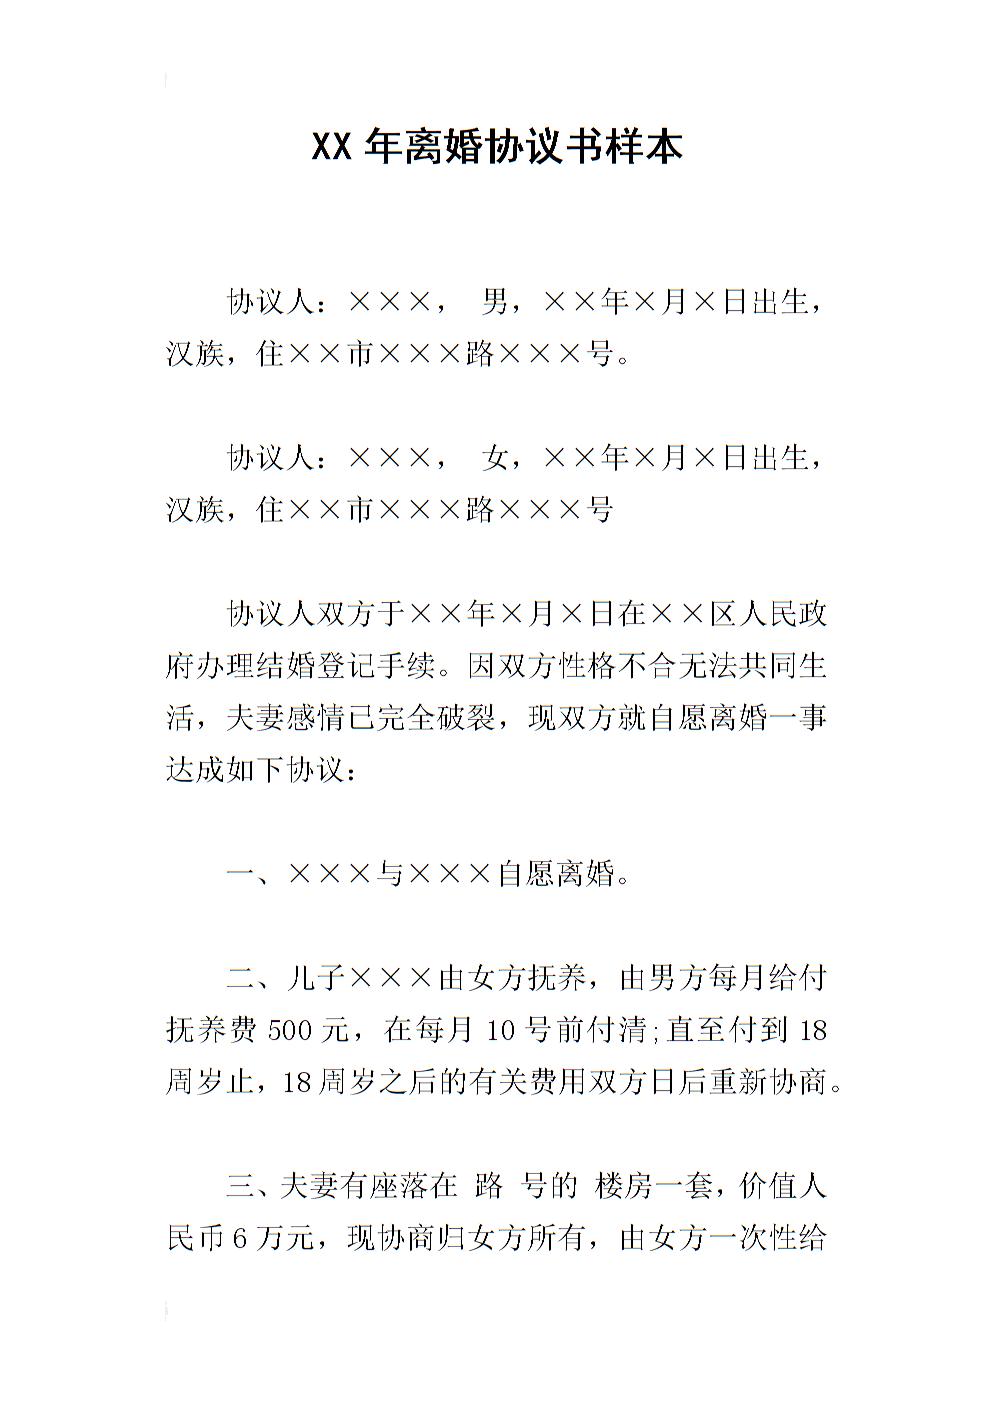 《离婚协议书样本3.docx》图片